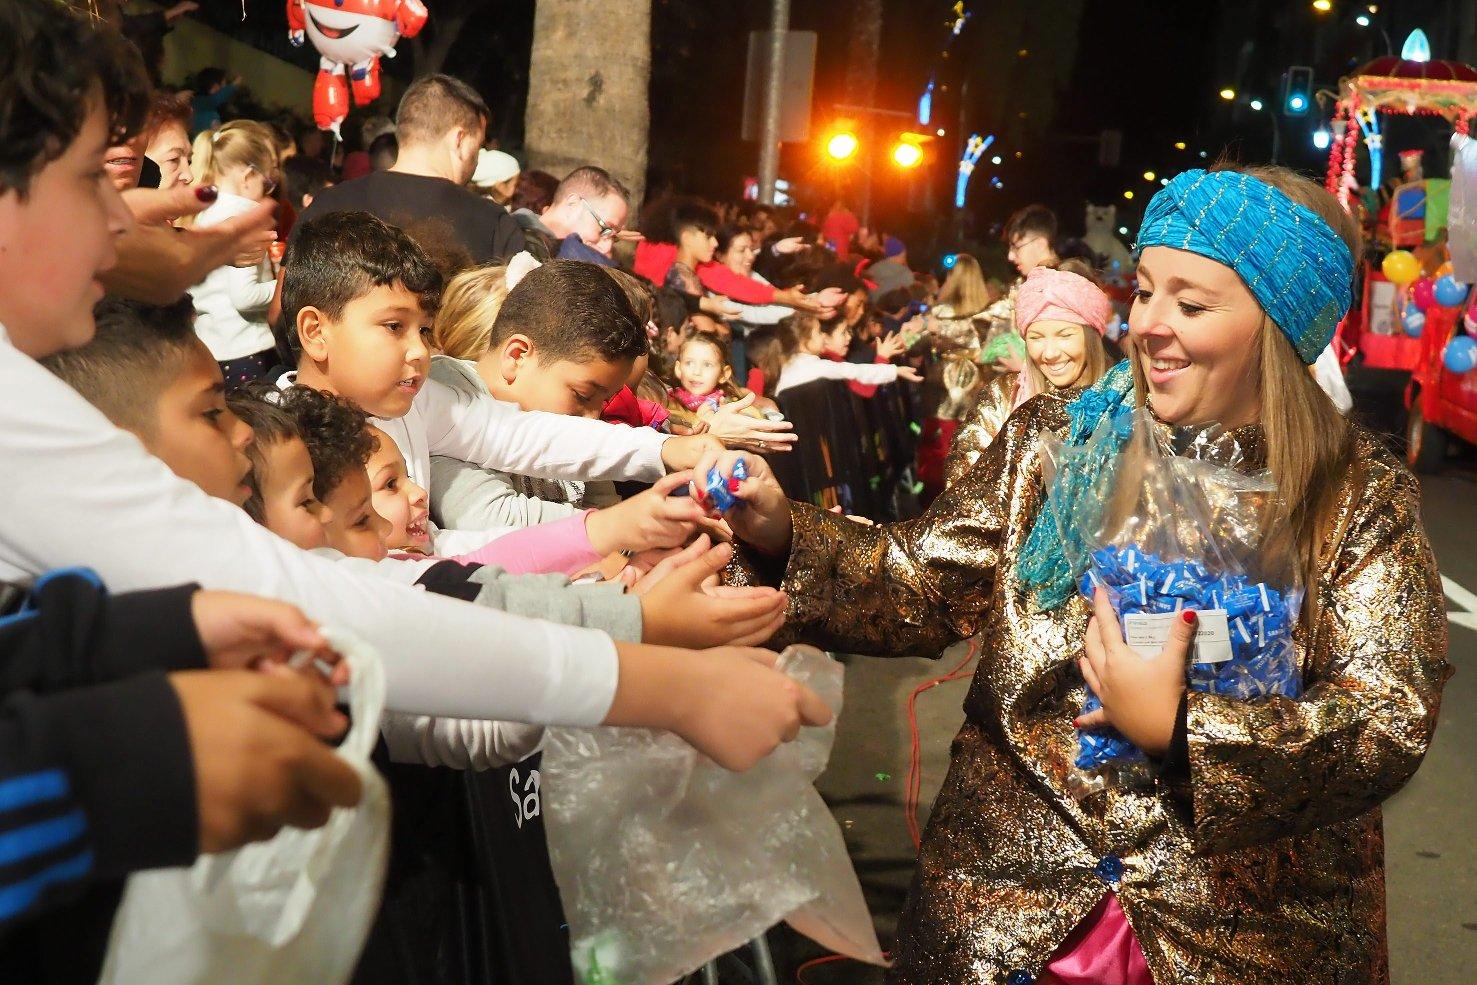 Momentos de la Cabalgata de los Reyes Magos en Santa Cruz de Tenerife / Foto: Sergio Méndez